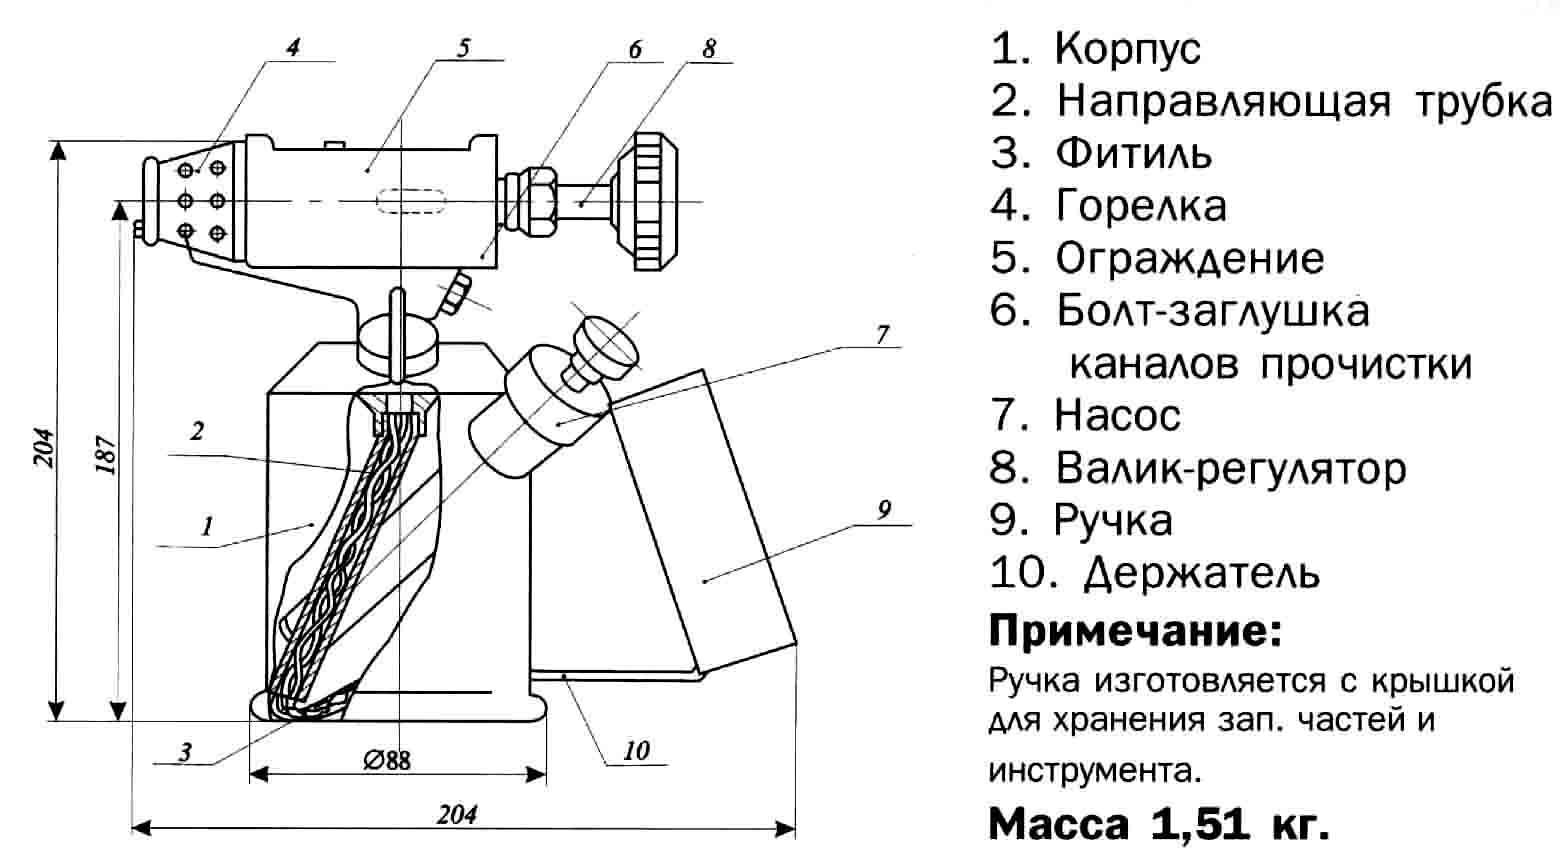 Инструкция по использованию паяльной лампы